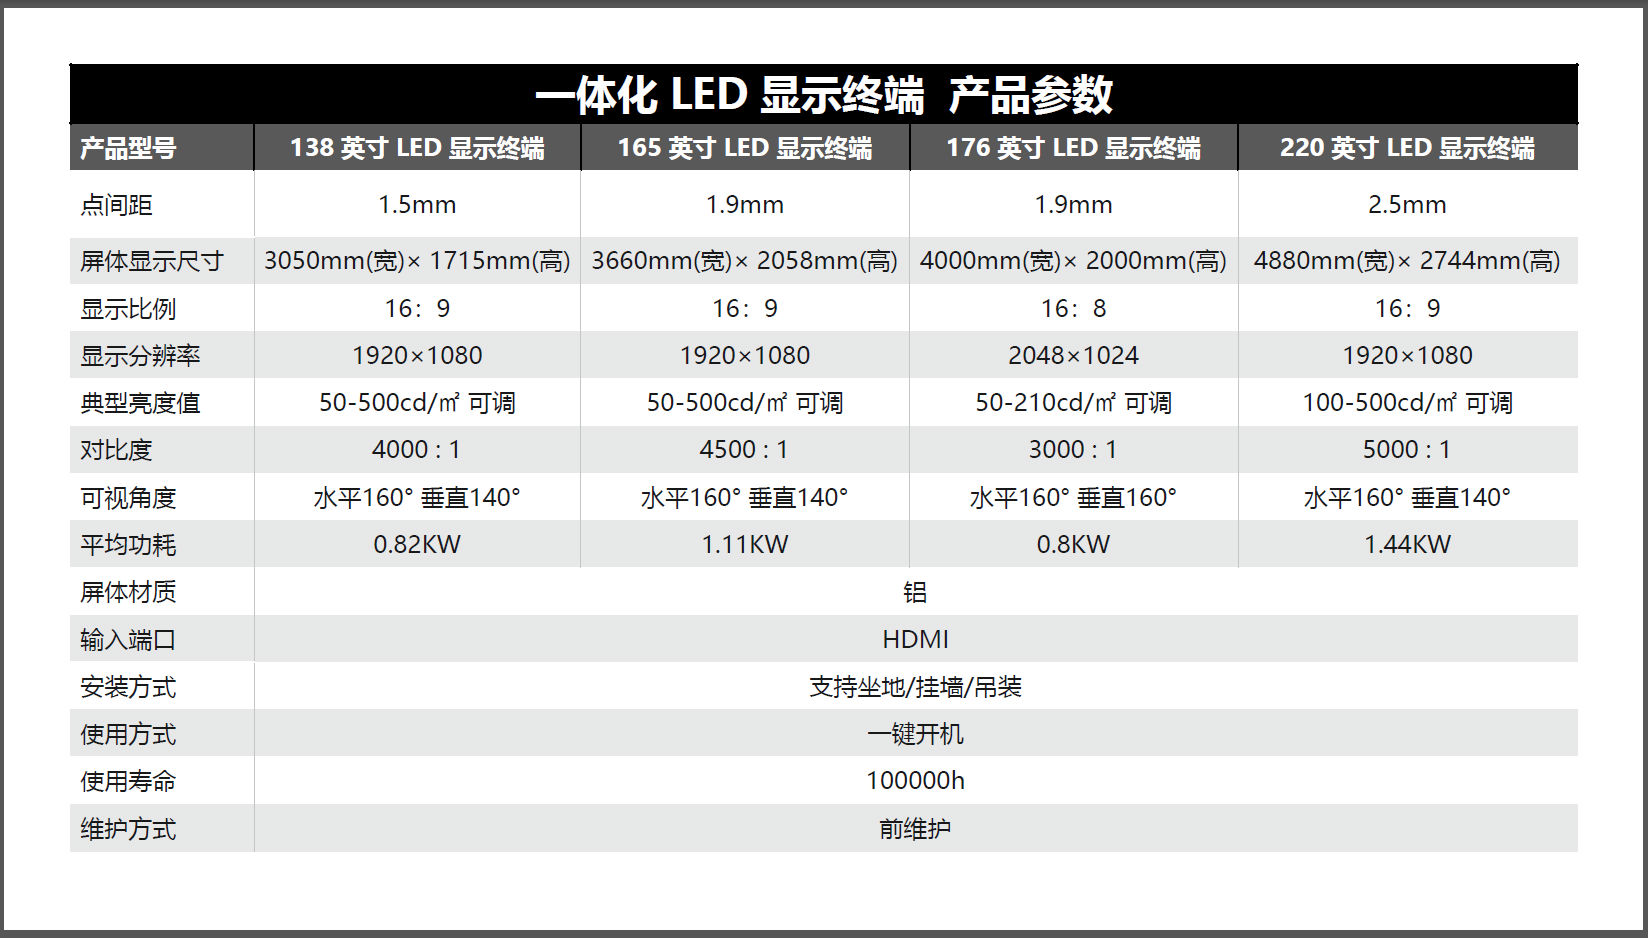 MAXHUB会议平板一体化LED显示终端产品参数